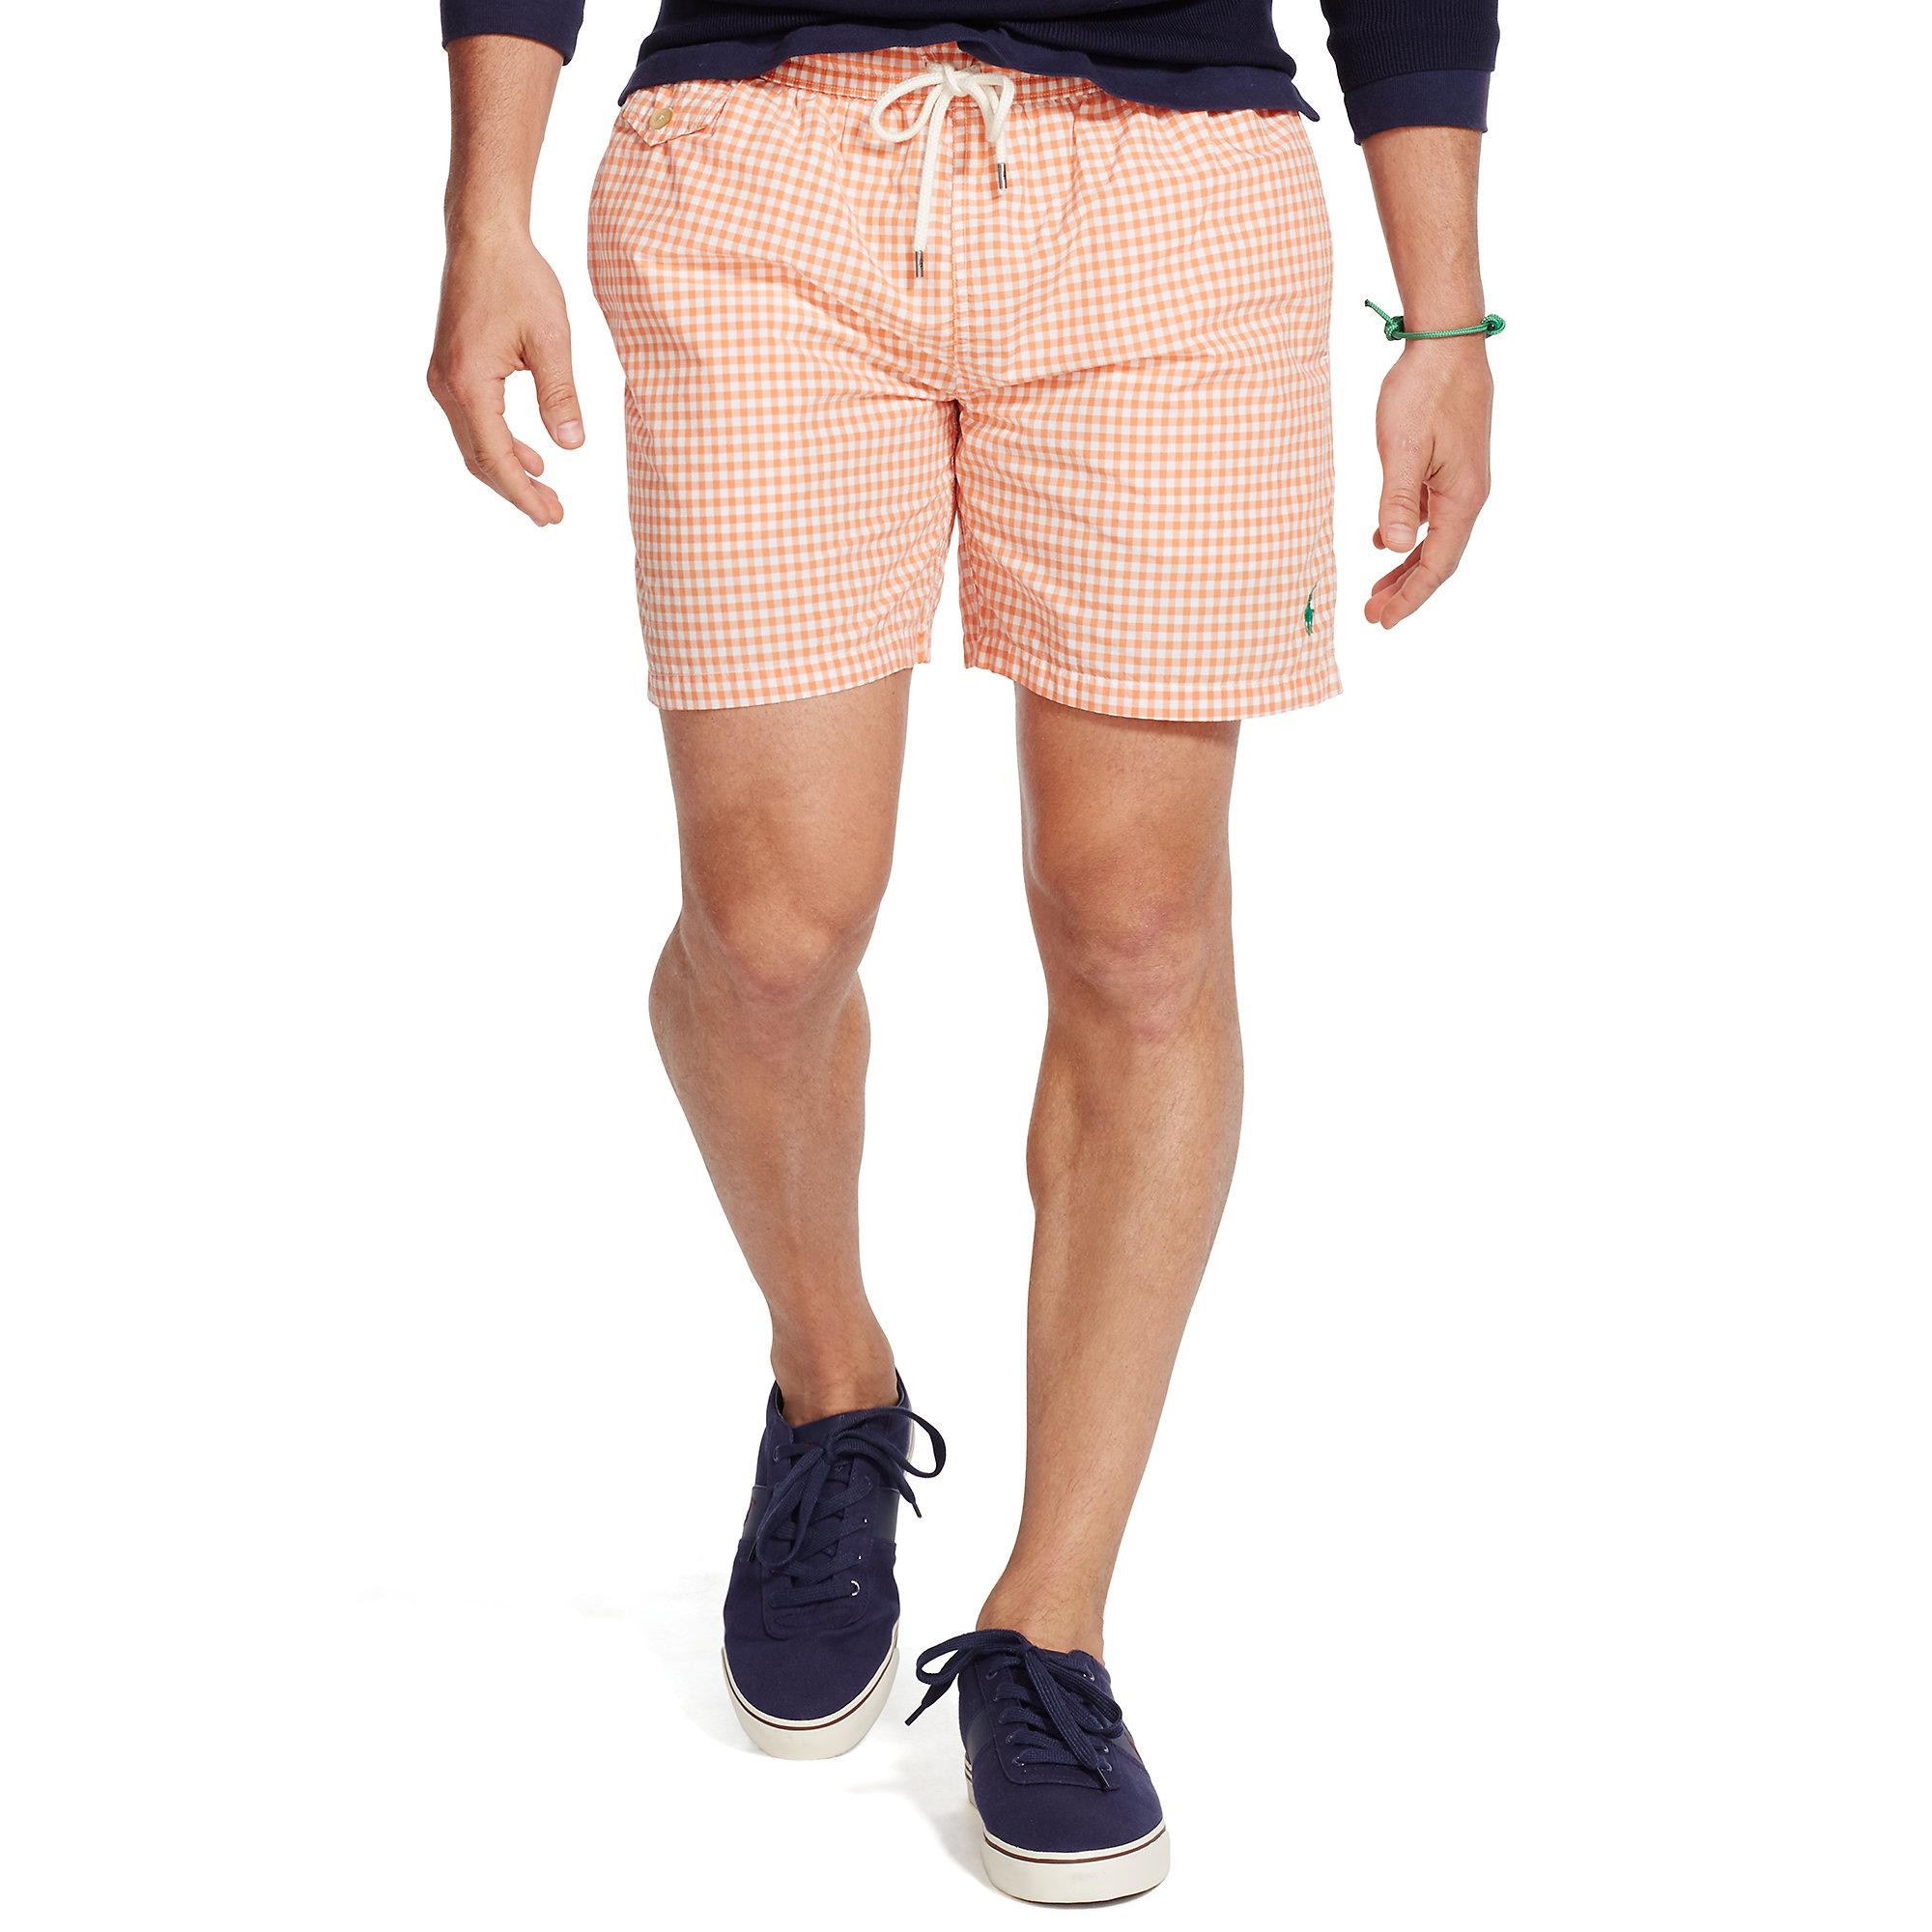 4358d1e406 Polo Ralph Lauren 5¾-inch Traveler Swim Trunk in Orange for Men - Lyst